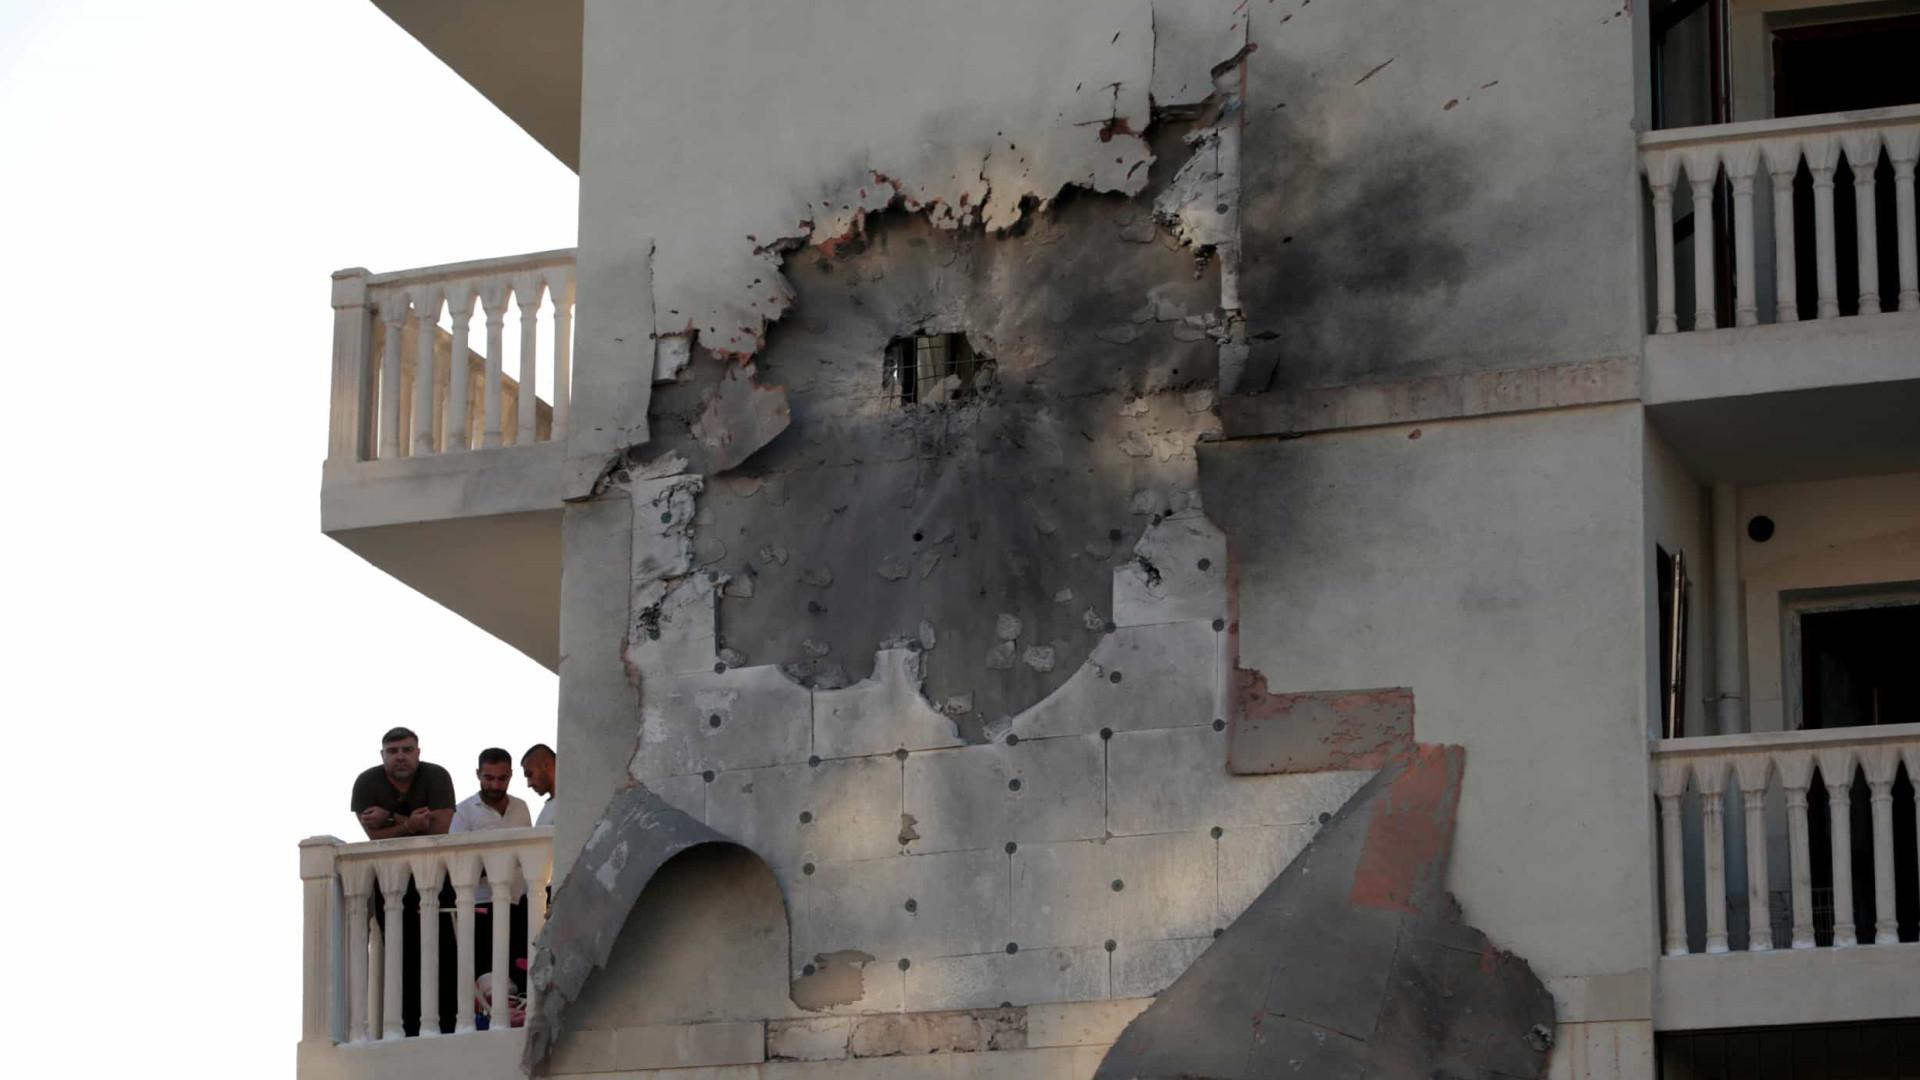 Ofensiva turca deixa sete civis mortos no norte da Síria